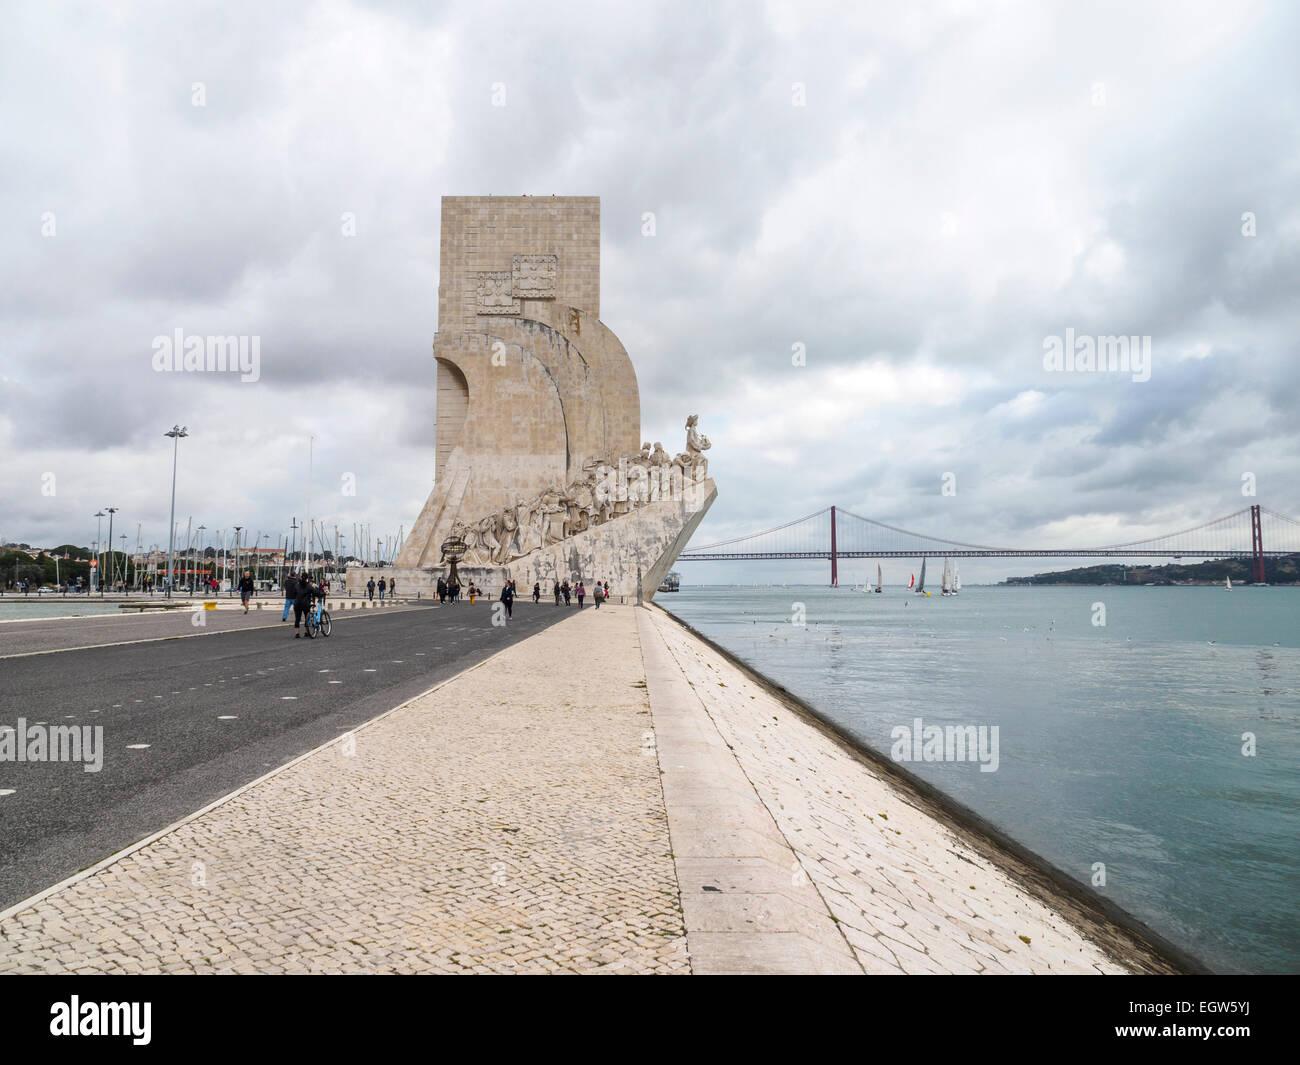 The Padrão dos Descobrimentos in Belém, Lisbon, Portugal - Stock Image